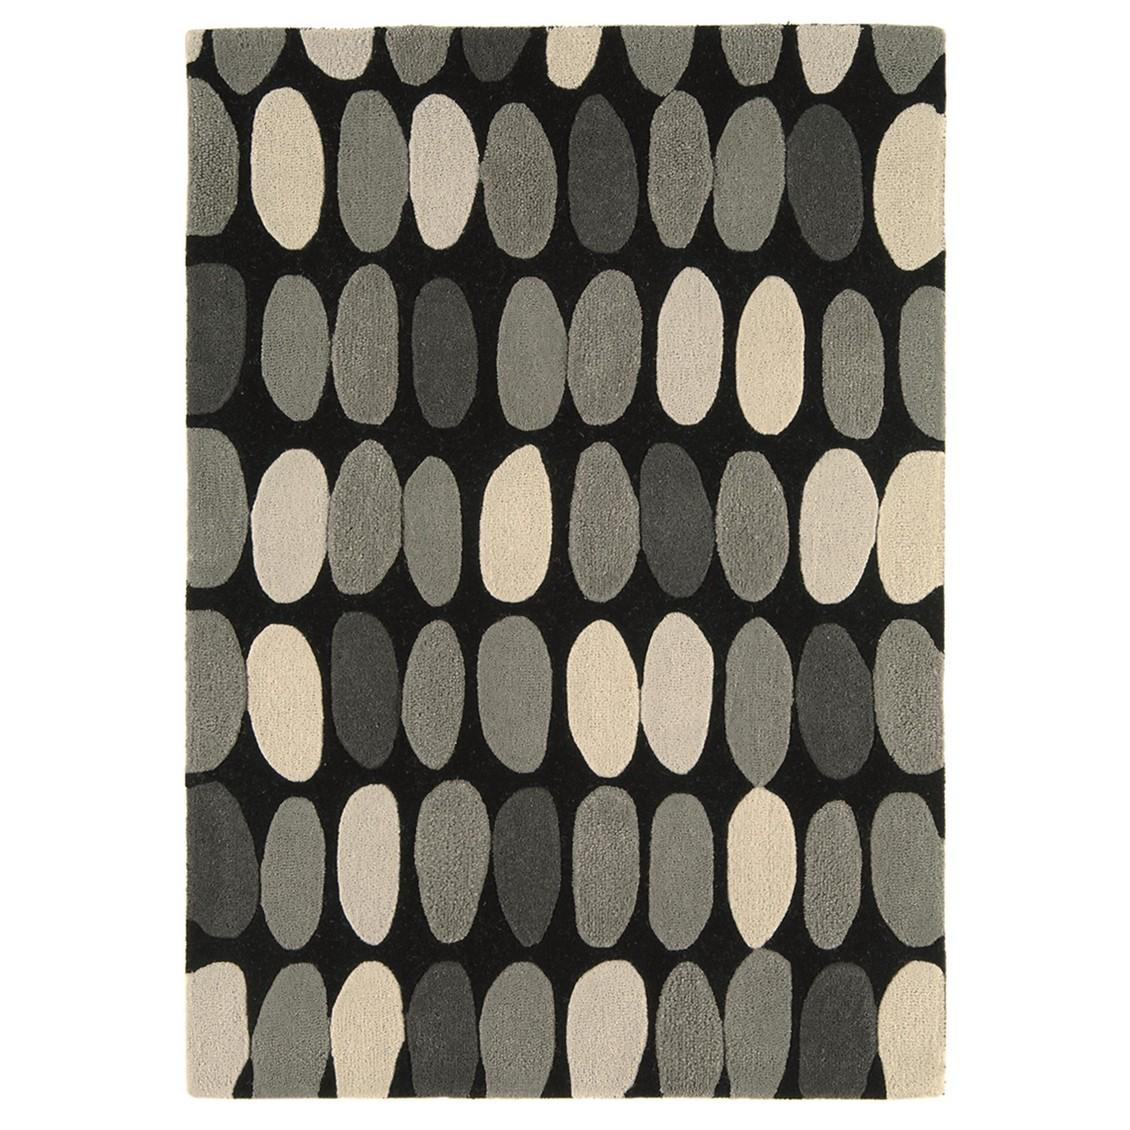 Teppich Matrix Sofia – Grau – 160 x 230 cm, benuta günstig online kaufen